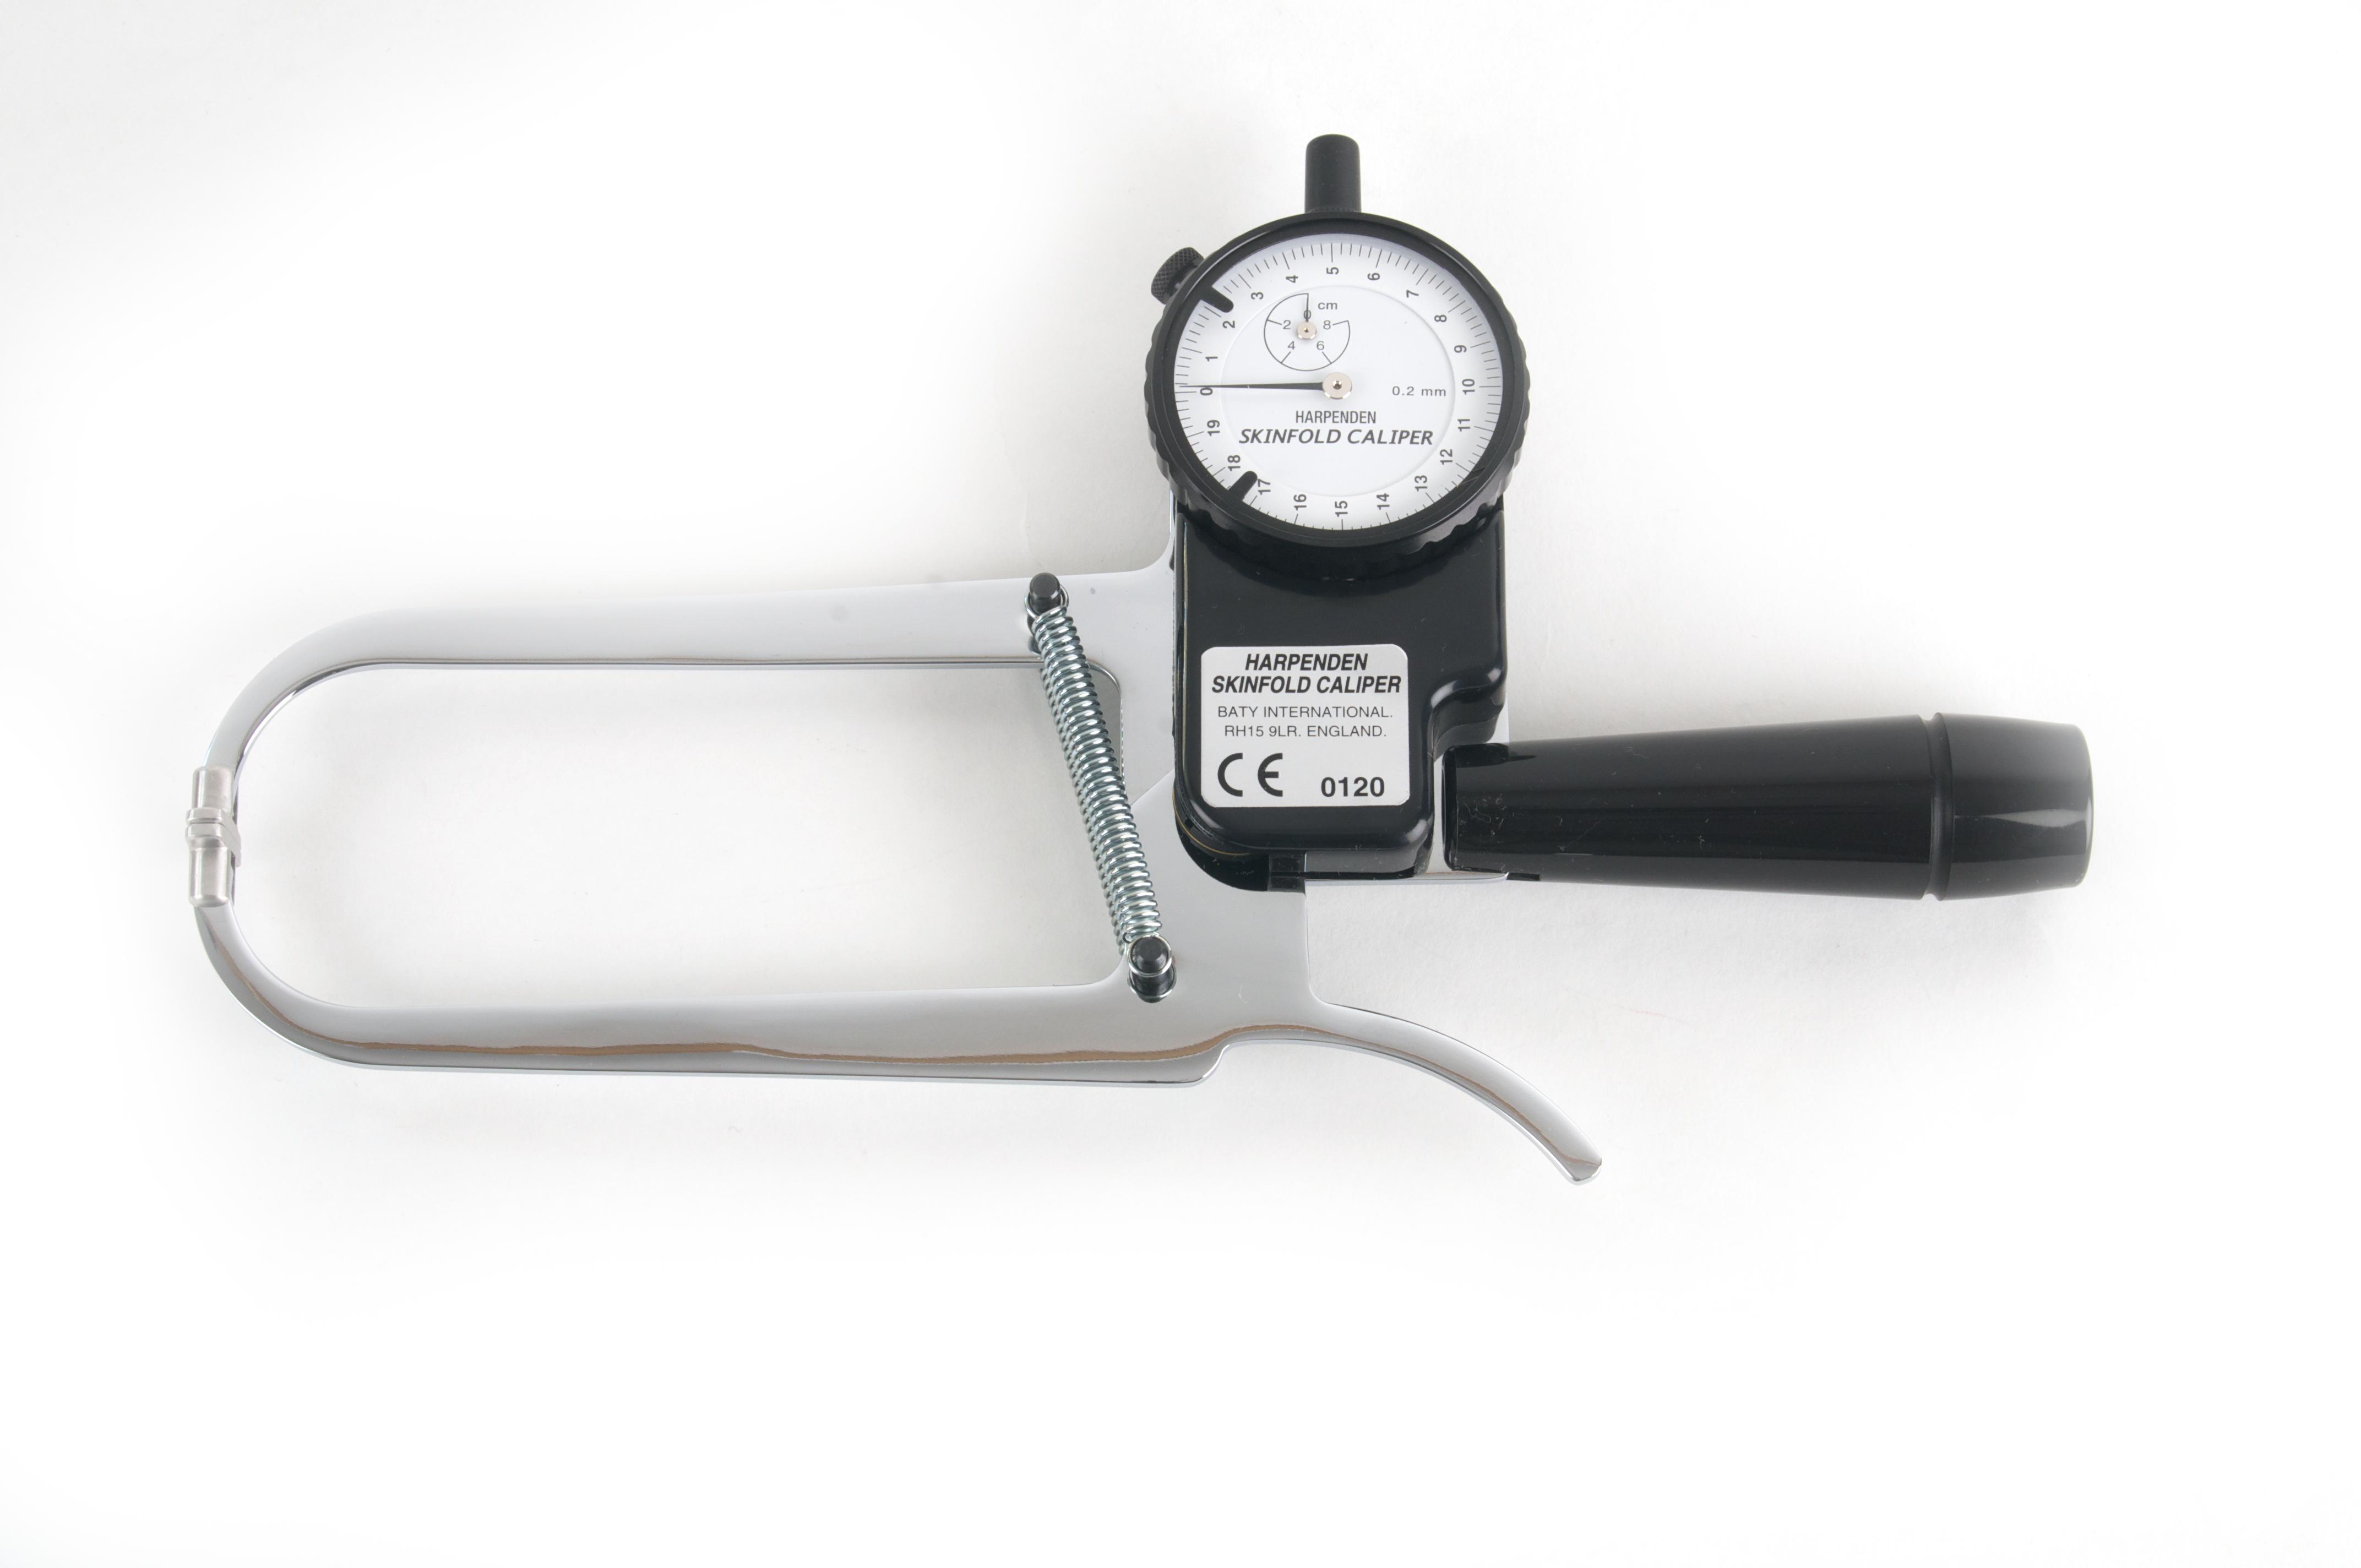 Plicómetro para valoración nutricional HARPENDEN, metálico, incluye estuche y manual.